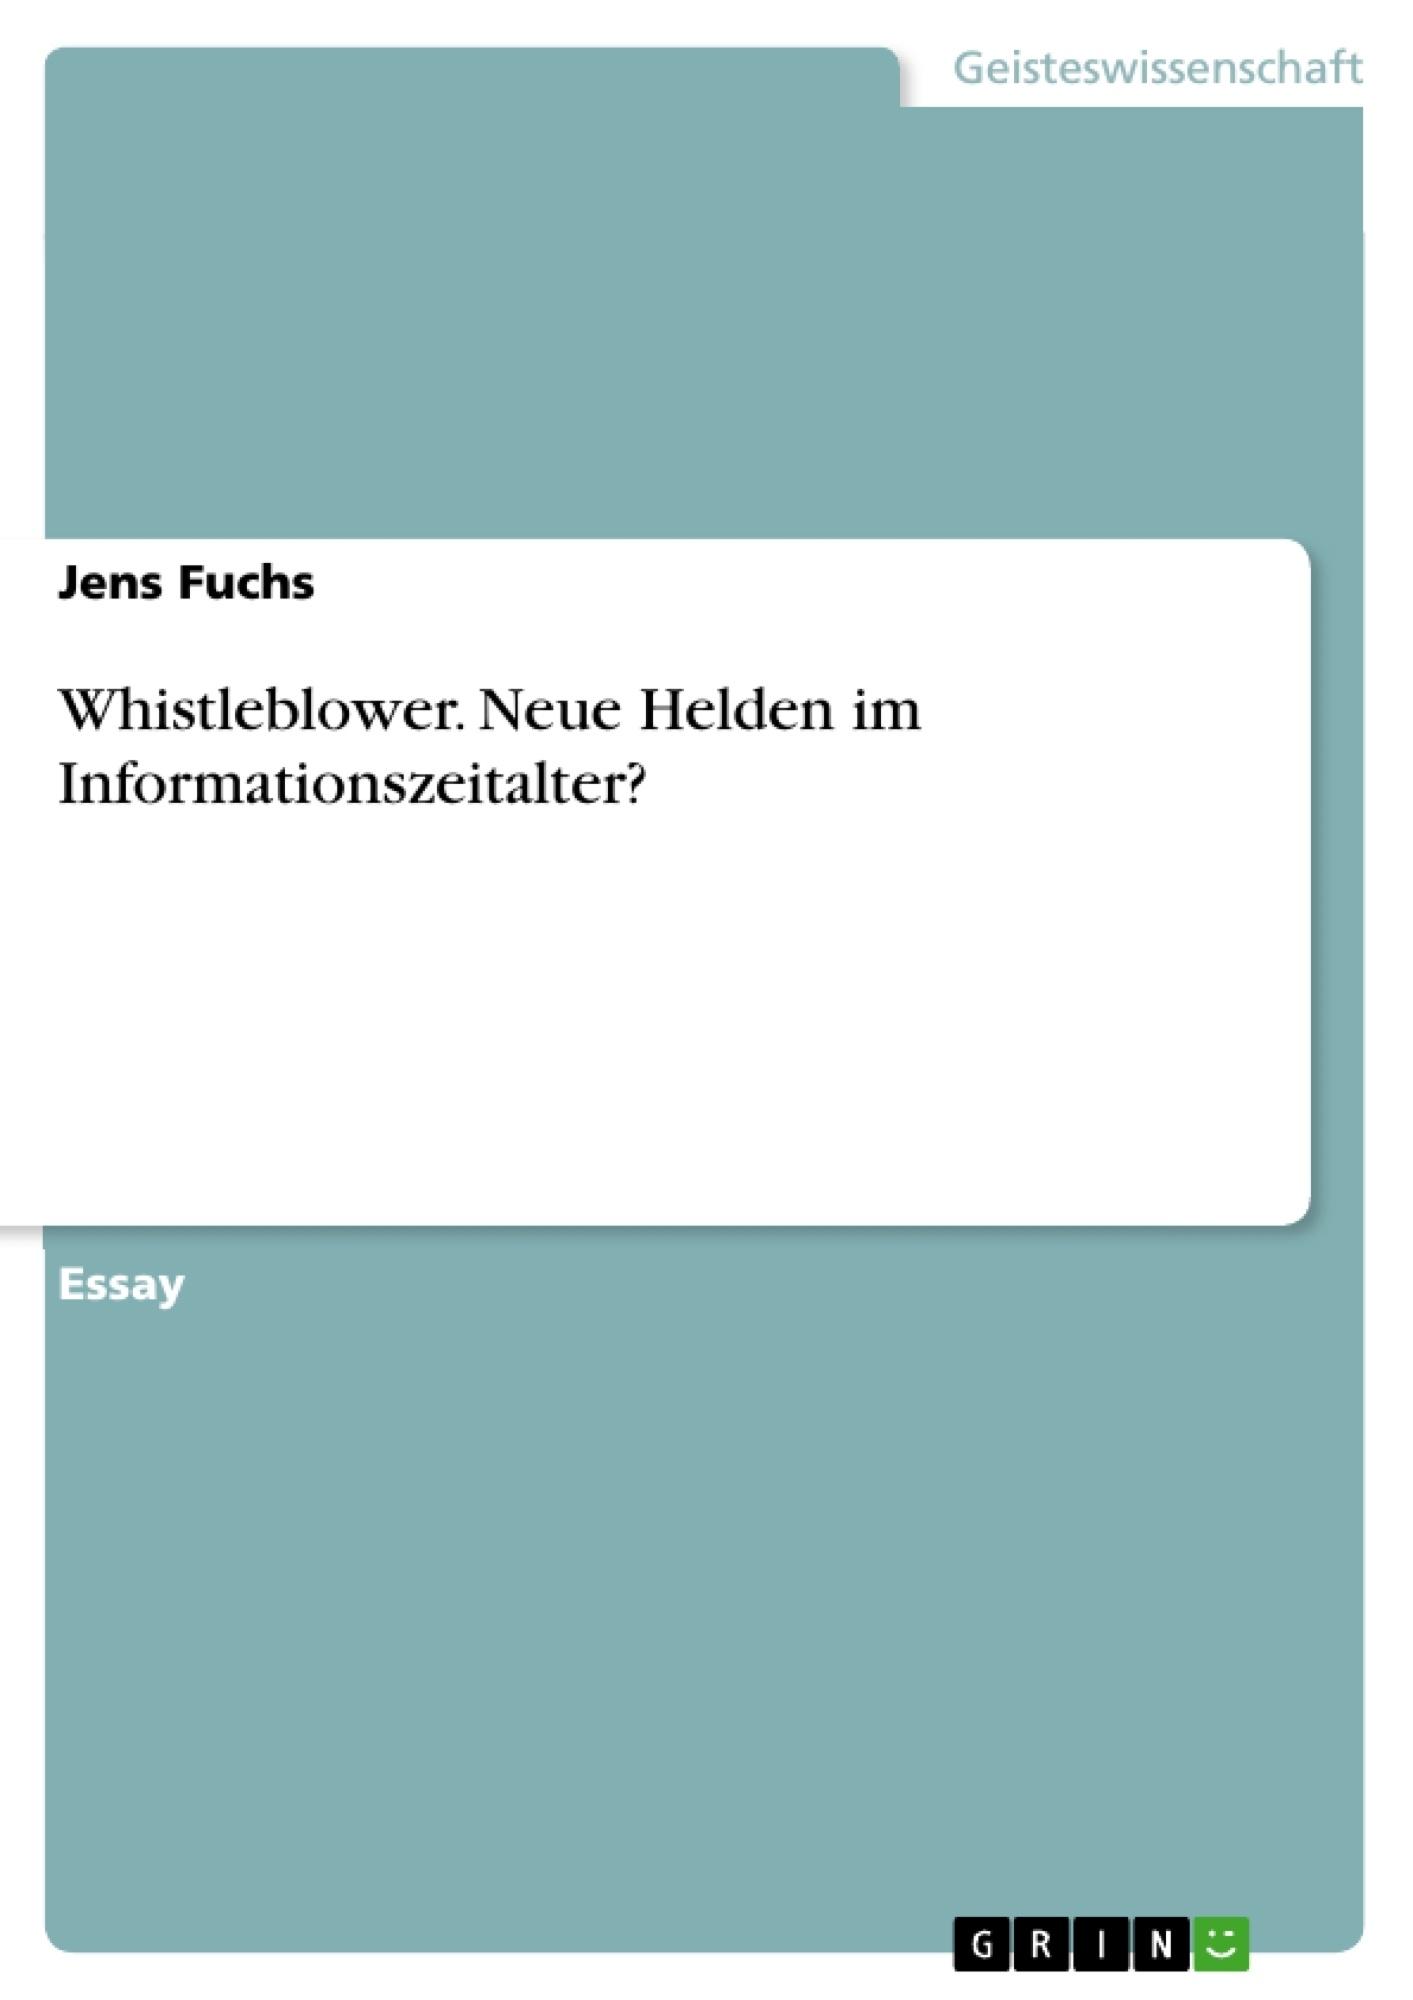 Titel: Whistleblower. Neue Helden im Informationszeitalter?